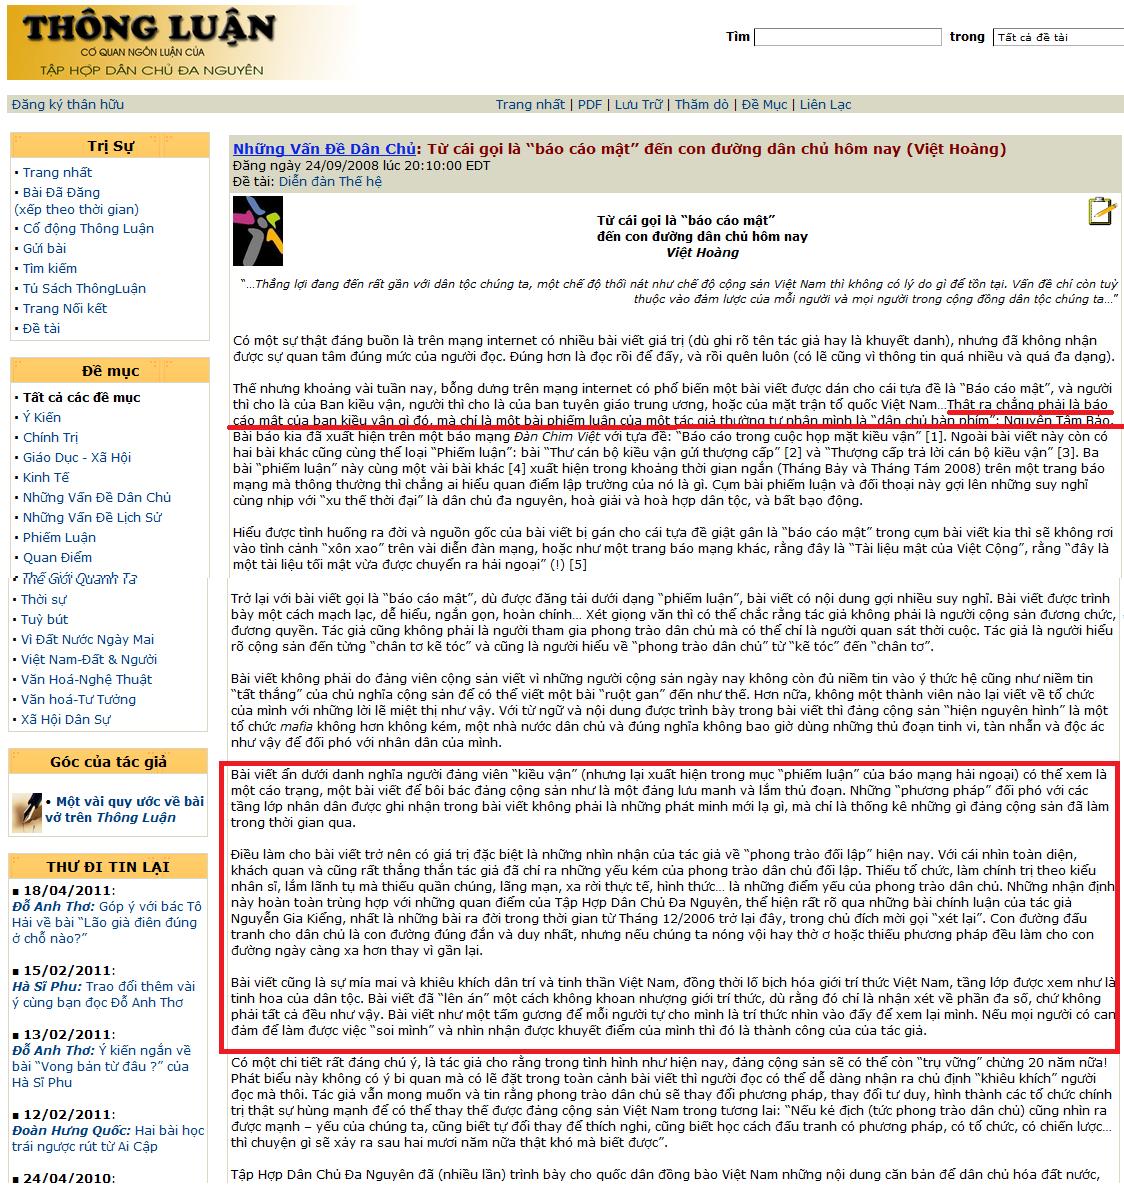 """Khôi hài về cái gọi là """"Tài liệu Mật của Việt Cộng Báo cáo trong cuộc họp mặt kiều vận"""""""